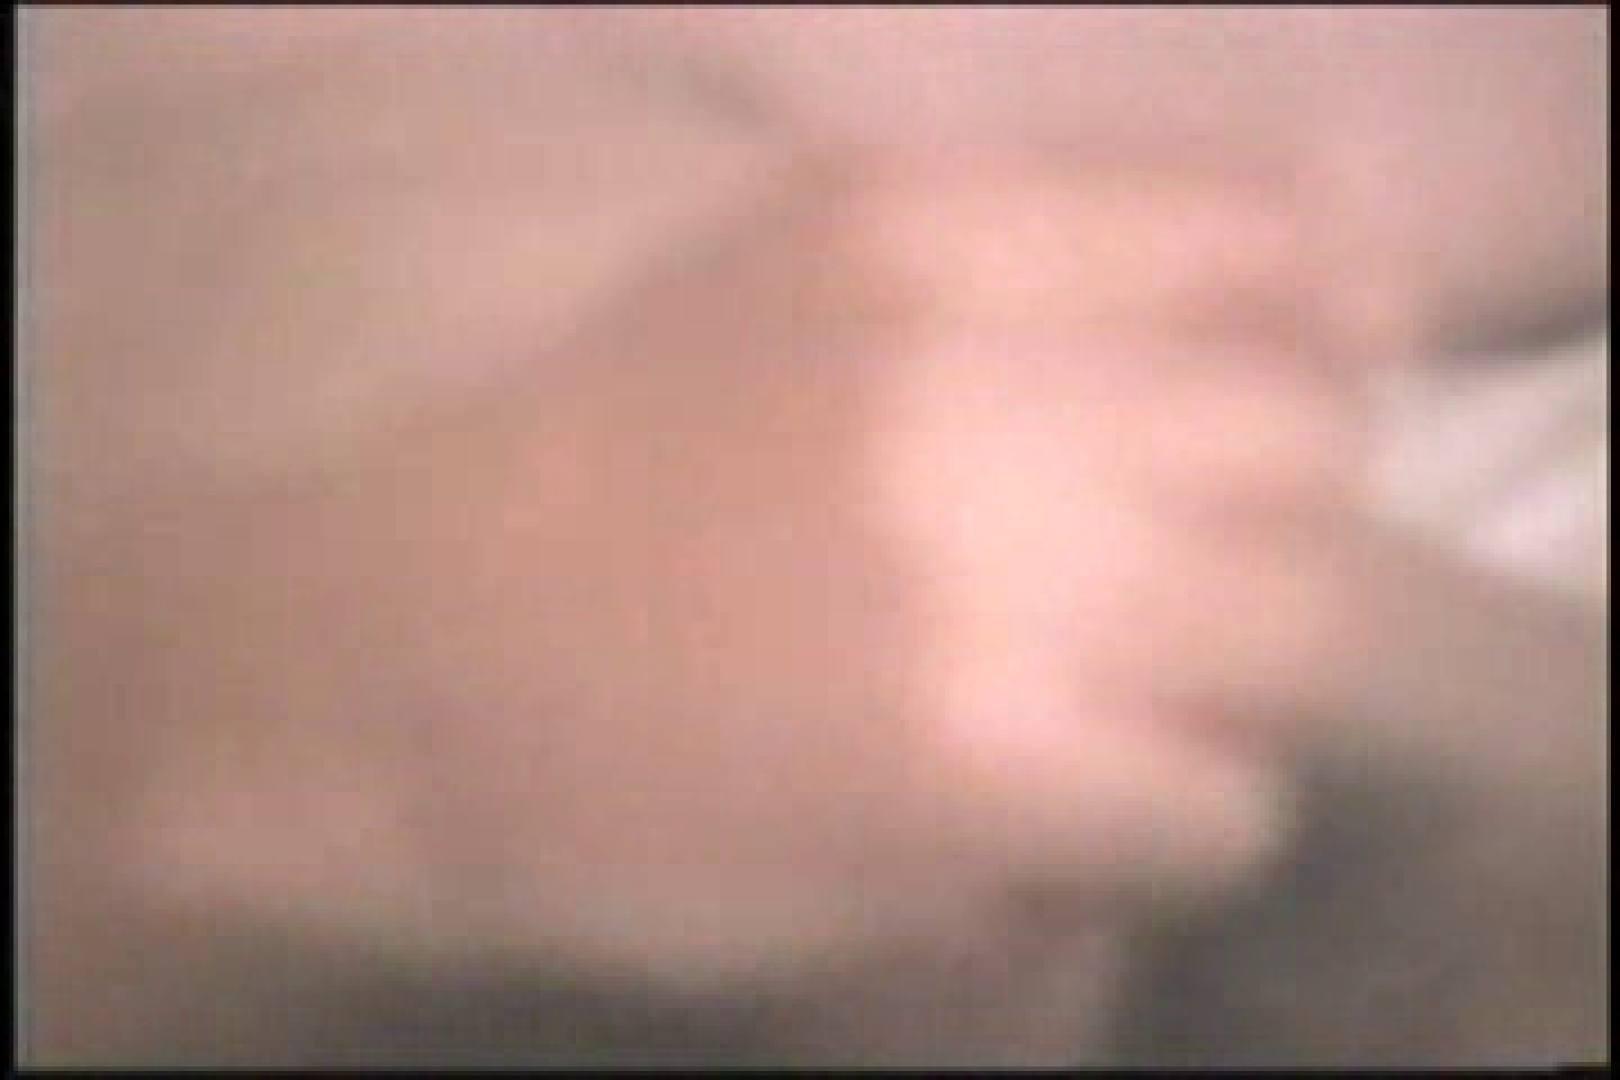 ファンキーな黒人さん!!BLACK POWER 02 ノンケカップル ゲイ無修正画像 89pic 46